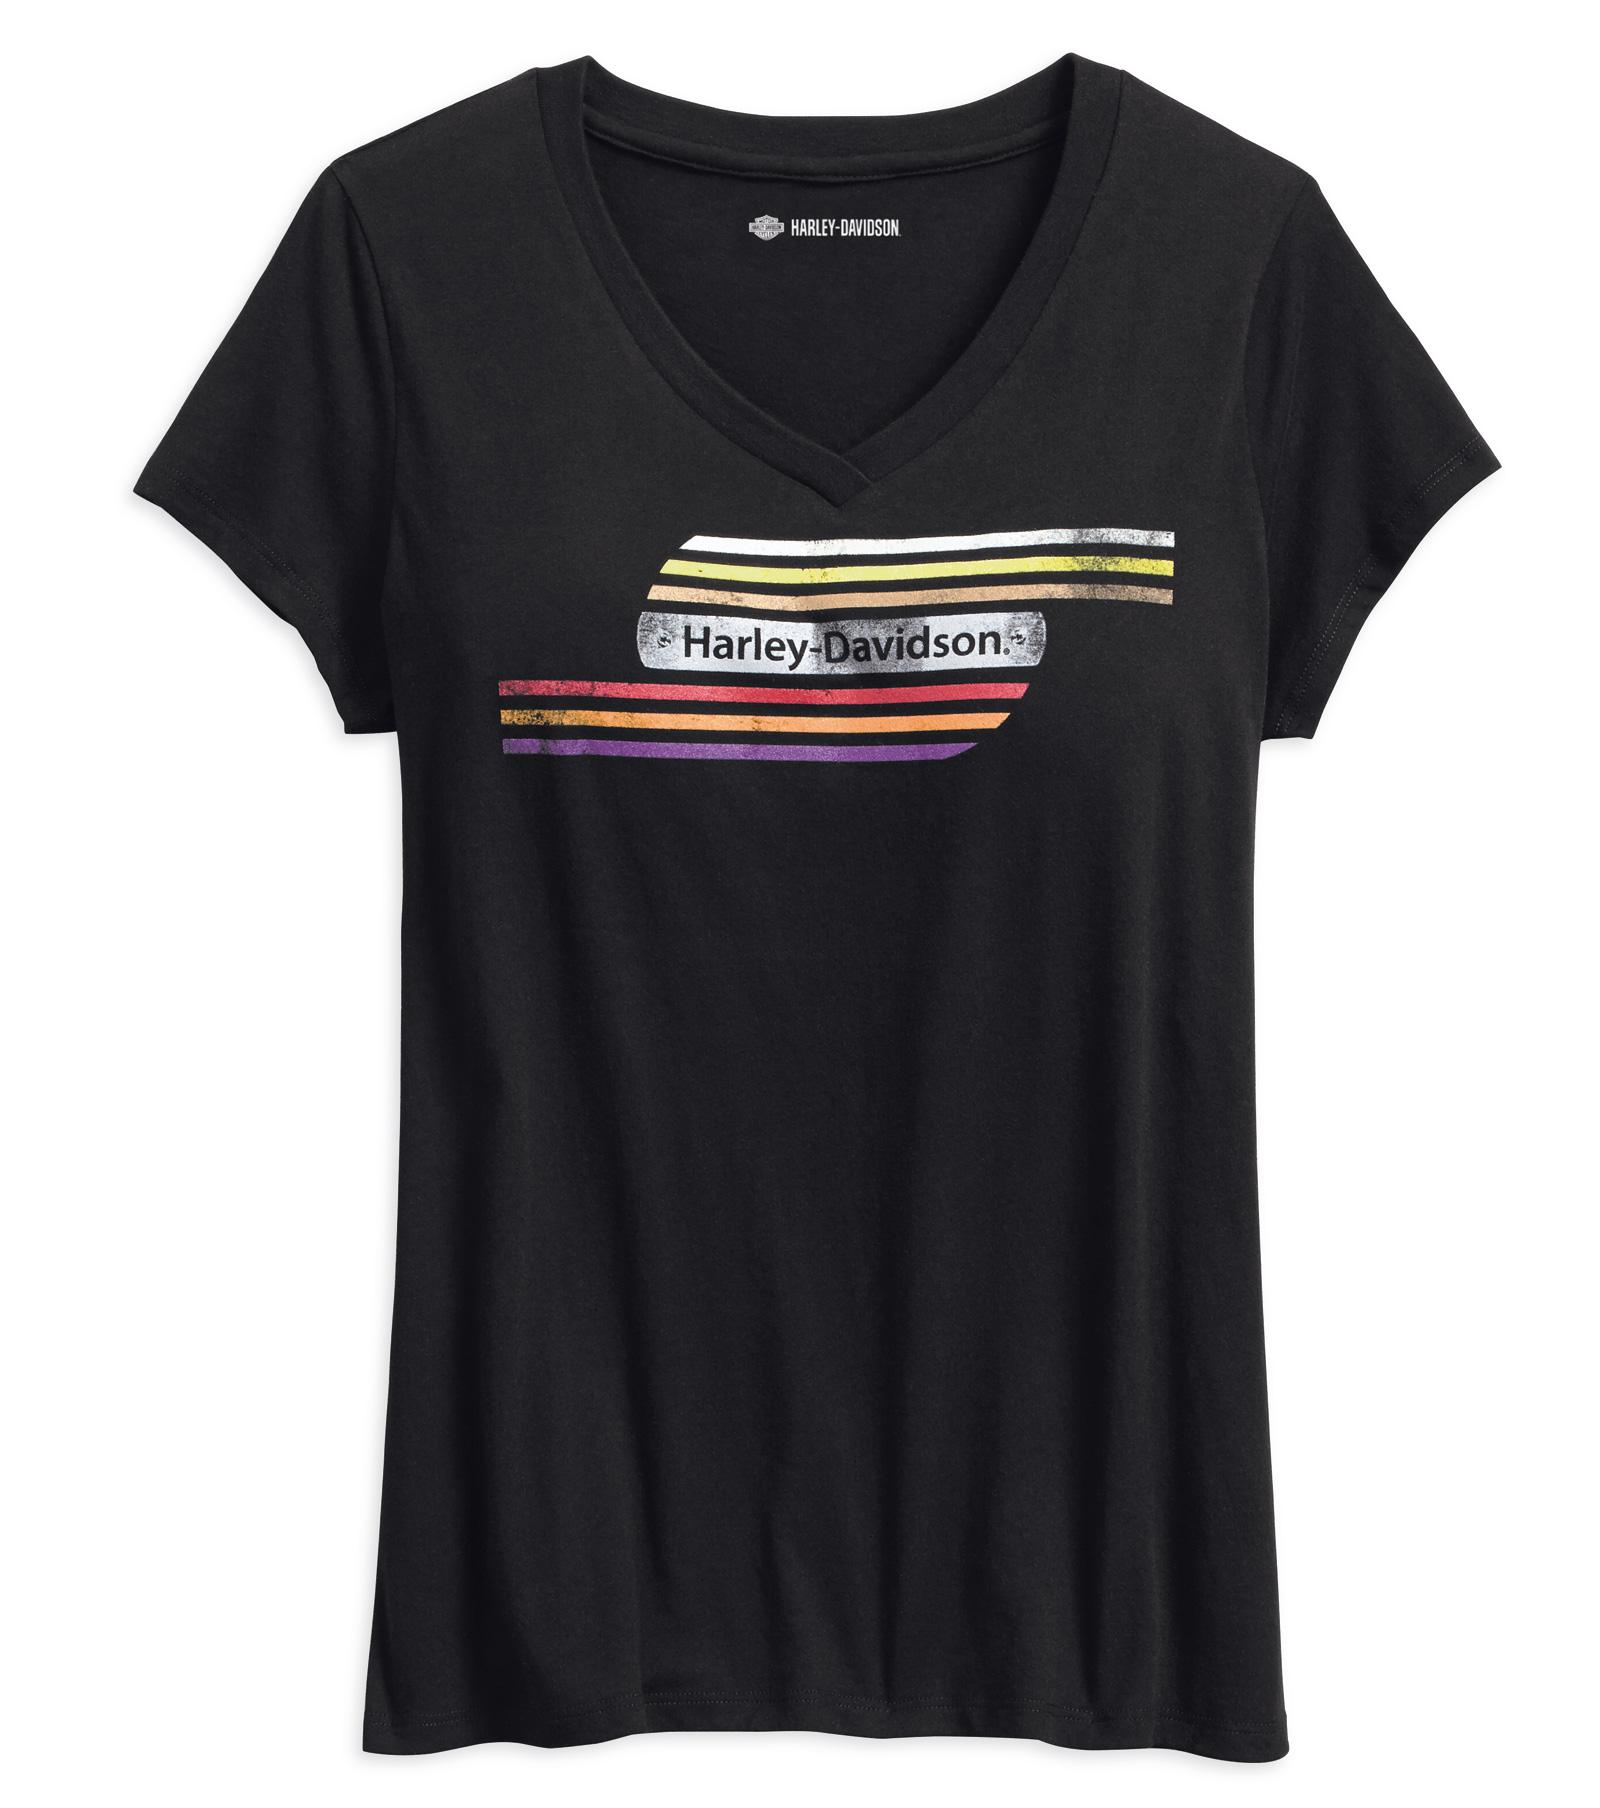 99084 18vw harley davidson damen t shirt amf retro stripe. Black Bedroom Furniture Sets. Home Design Ideas